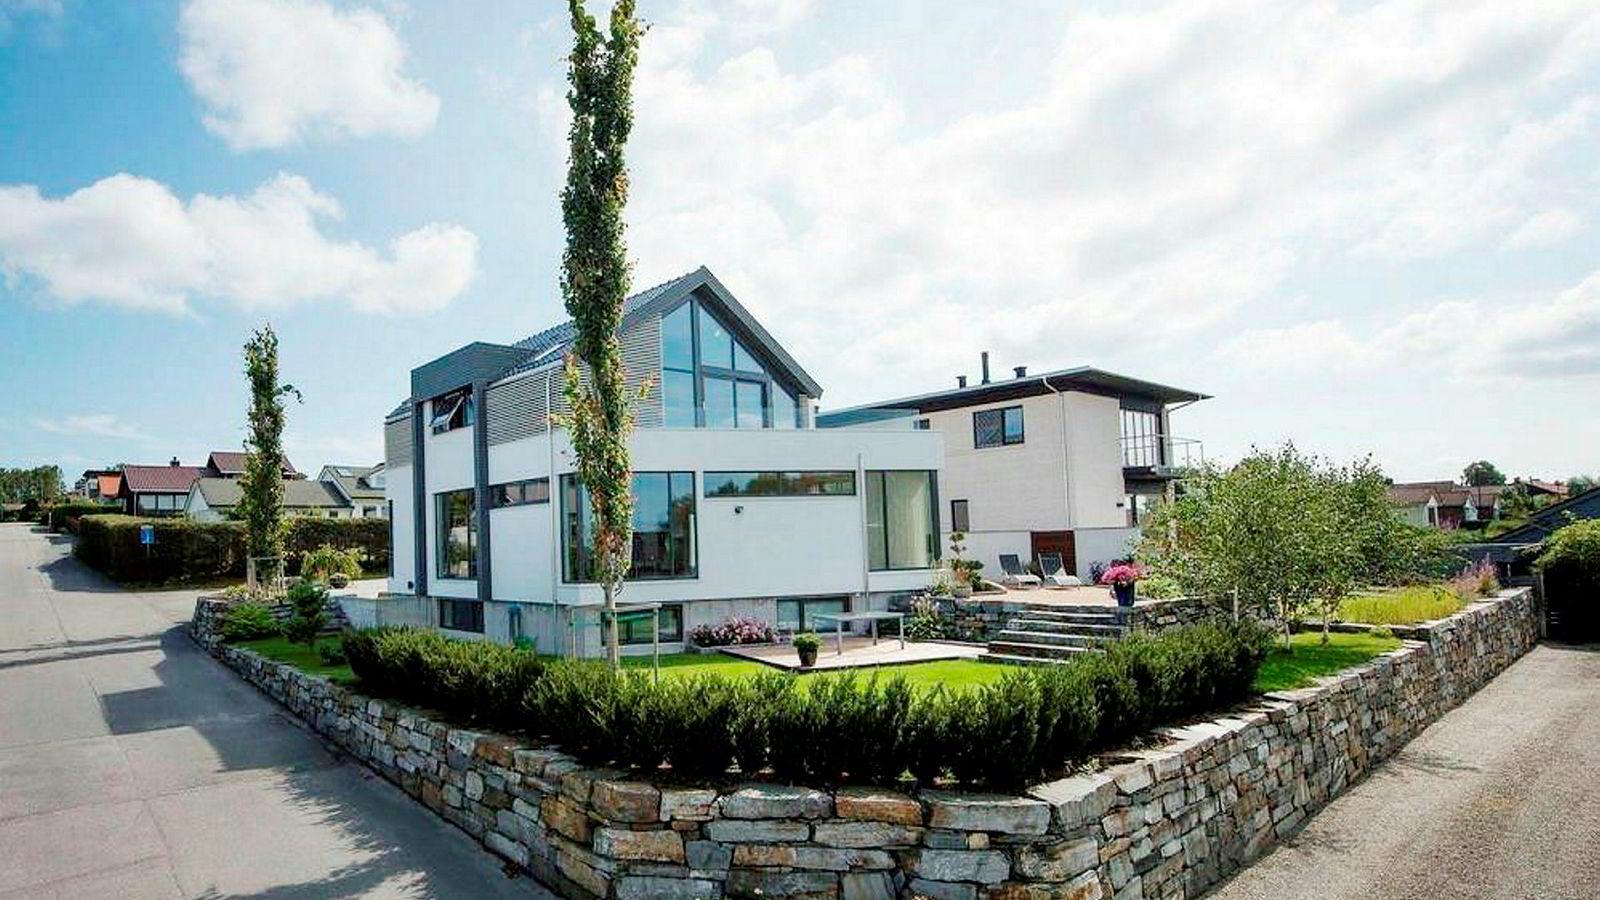 Nå kommer høysesongen for boligslippet av familie- og eneboliger. Bildet viser en enebolig i Hafrsfjord.